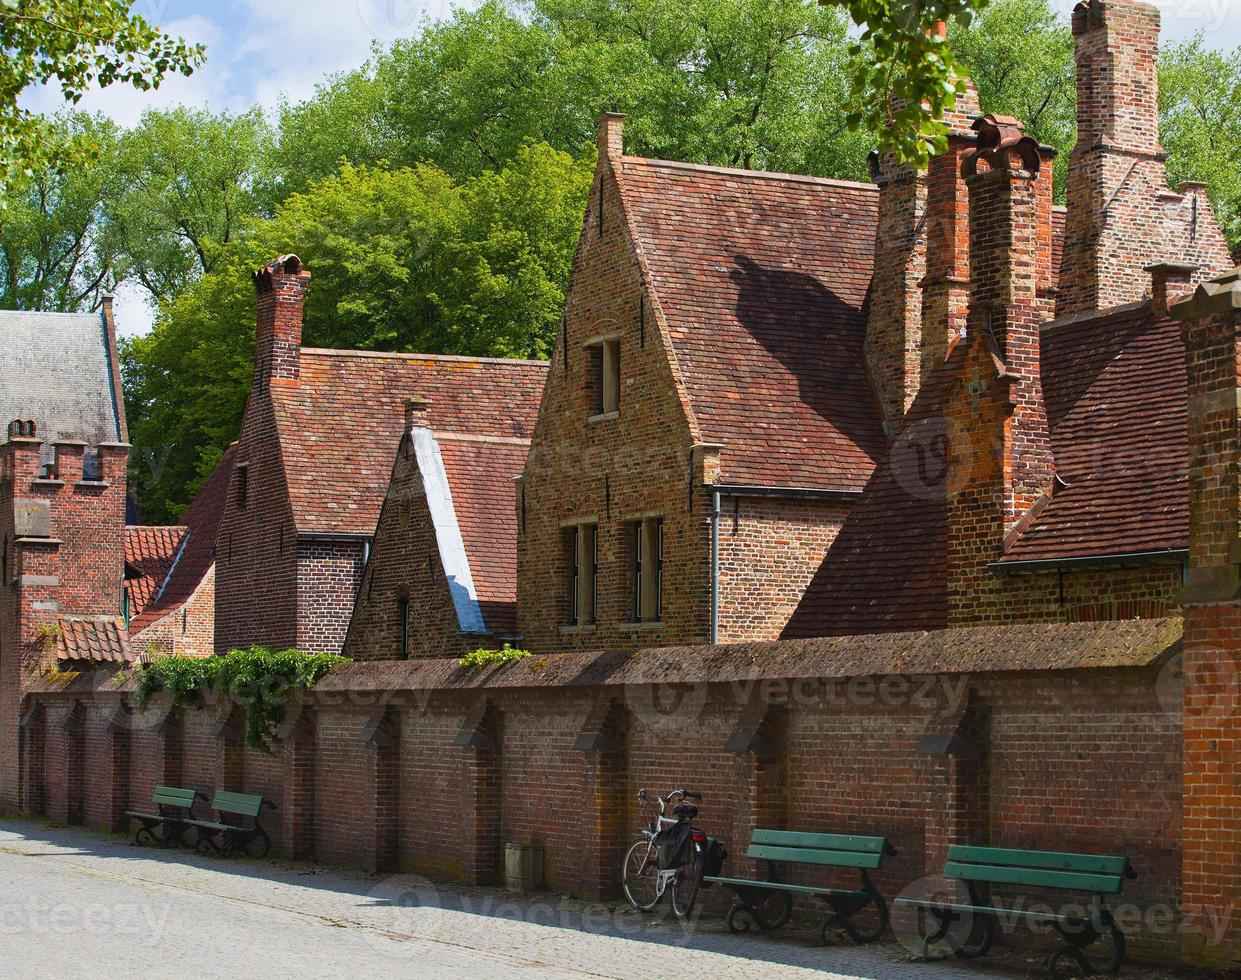 pequena rua com velhas casas de tijolos em um dia ensolarado foto